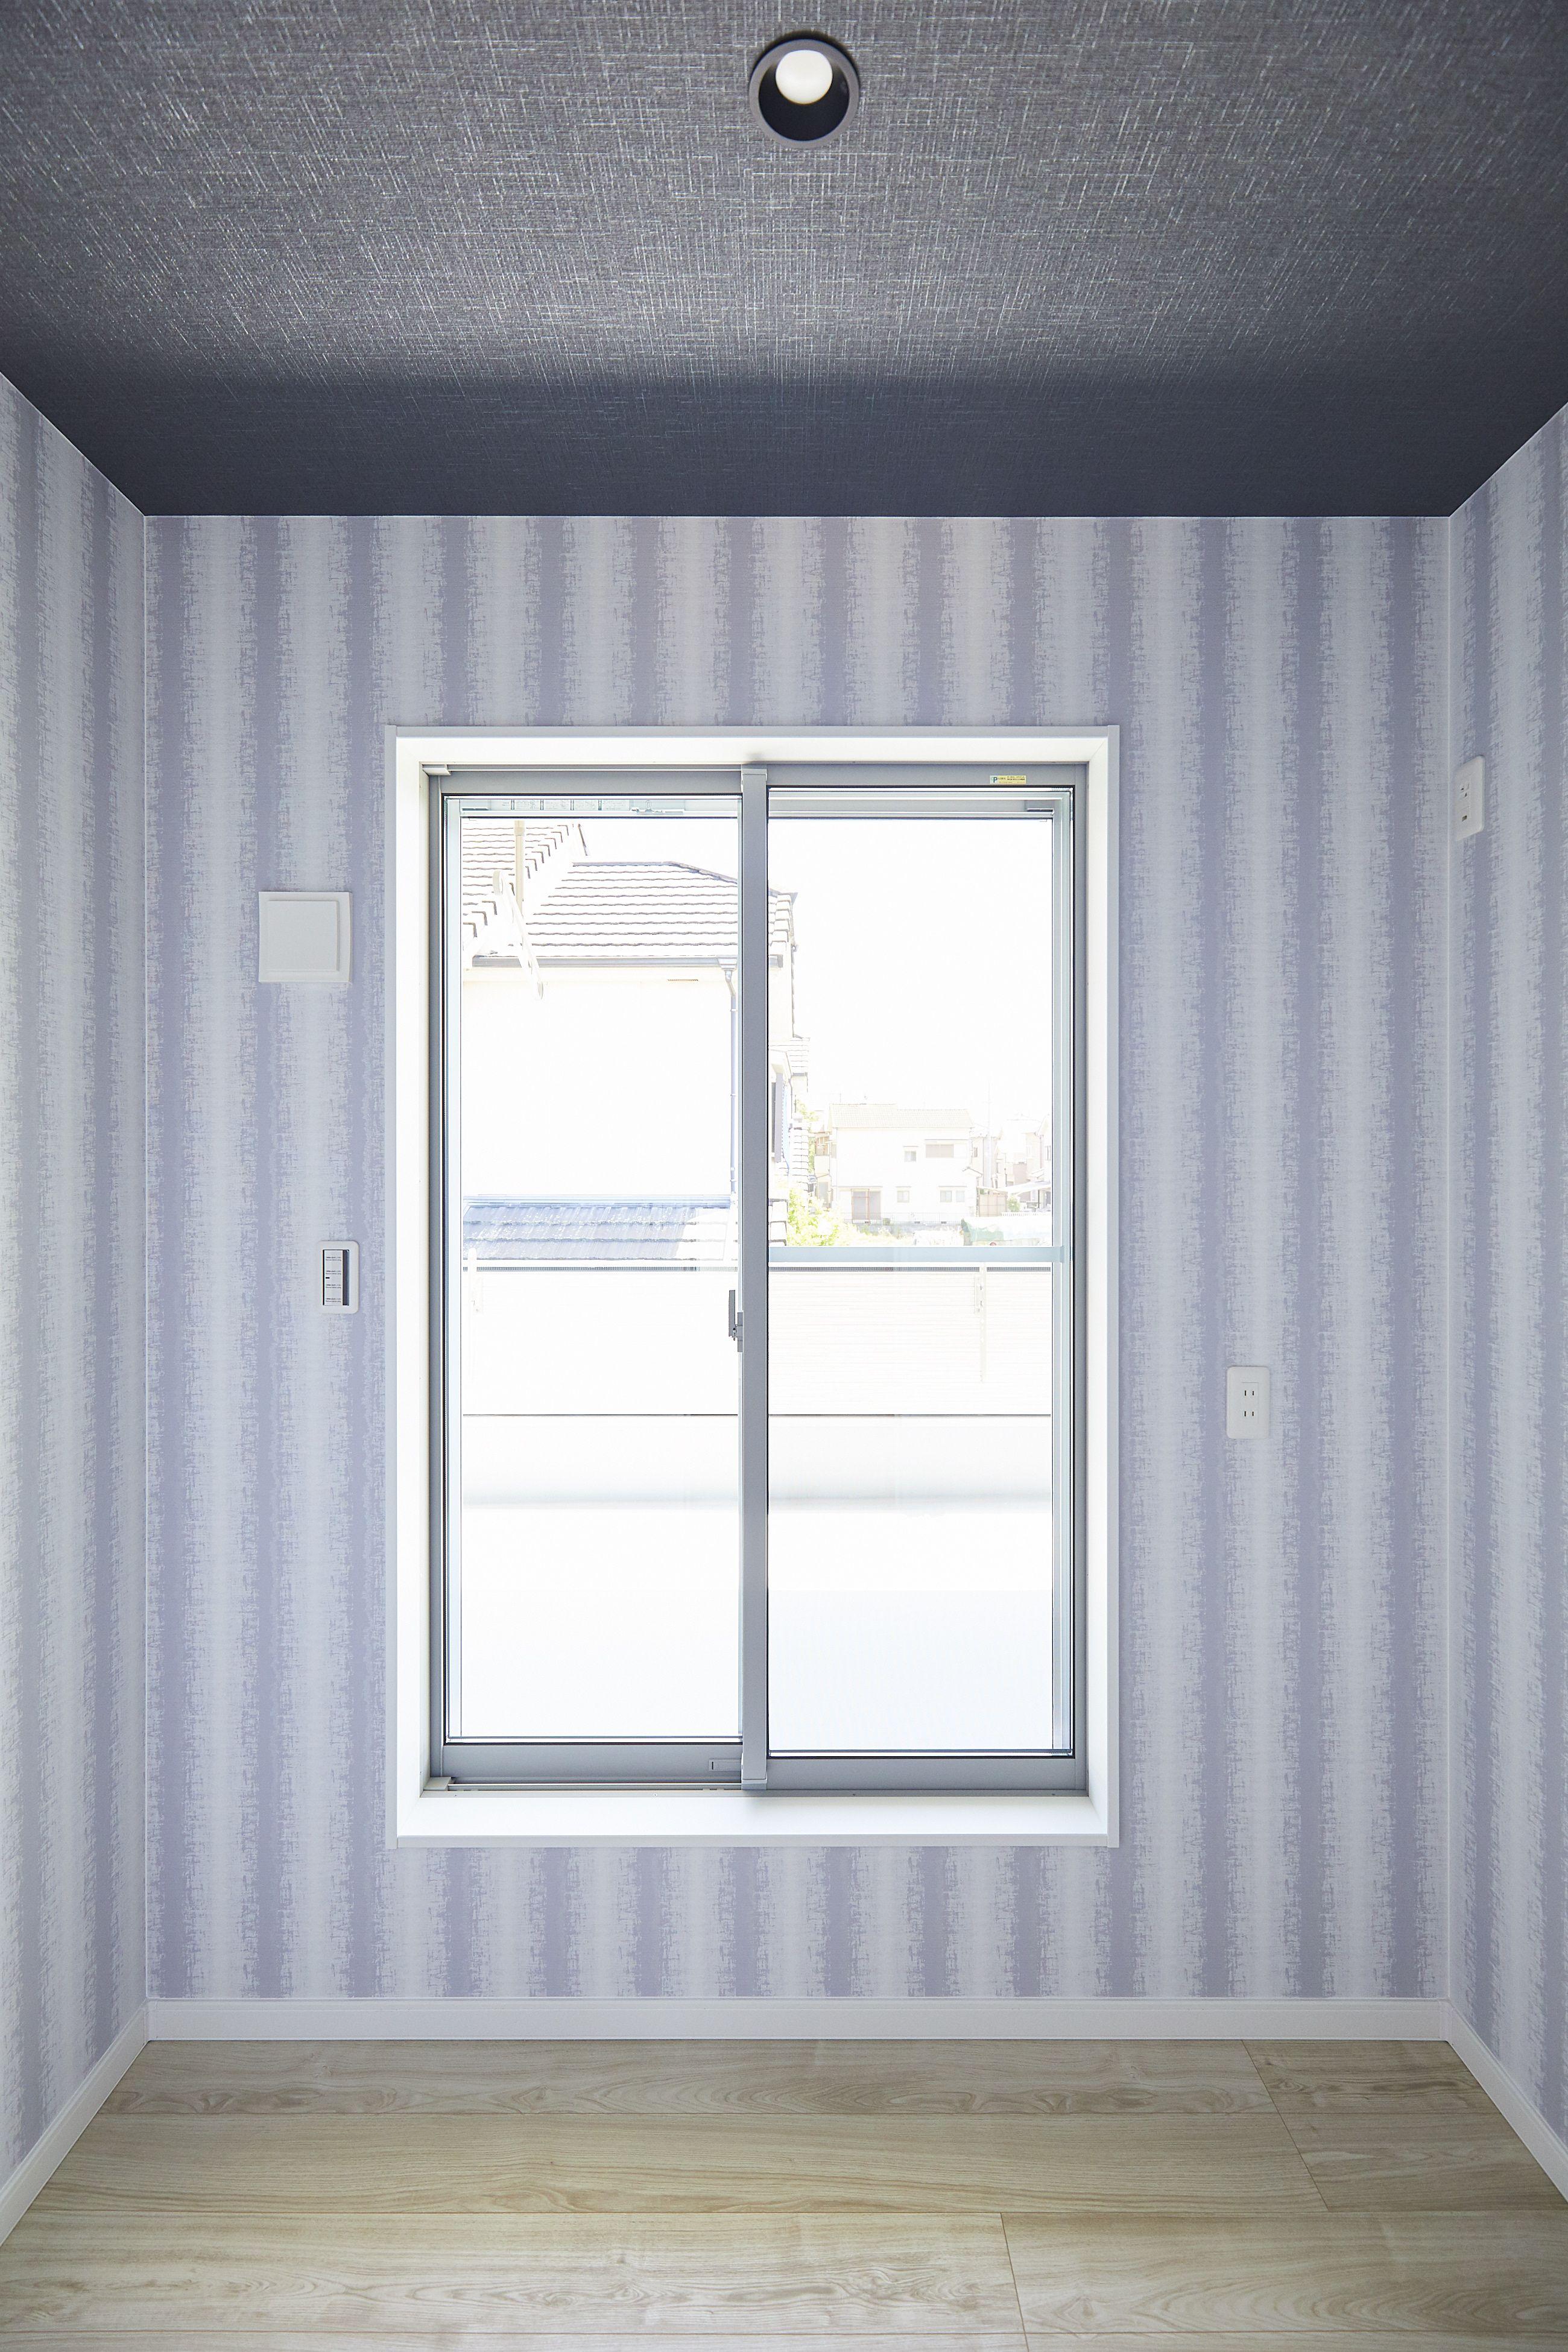 書斎 ダークな天井とお気に入りの壁紙で自分だけの隠れ家に 画像